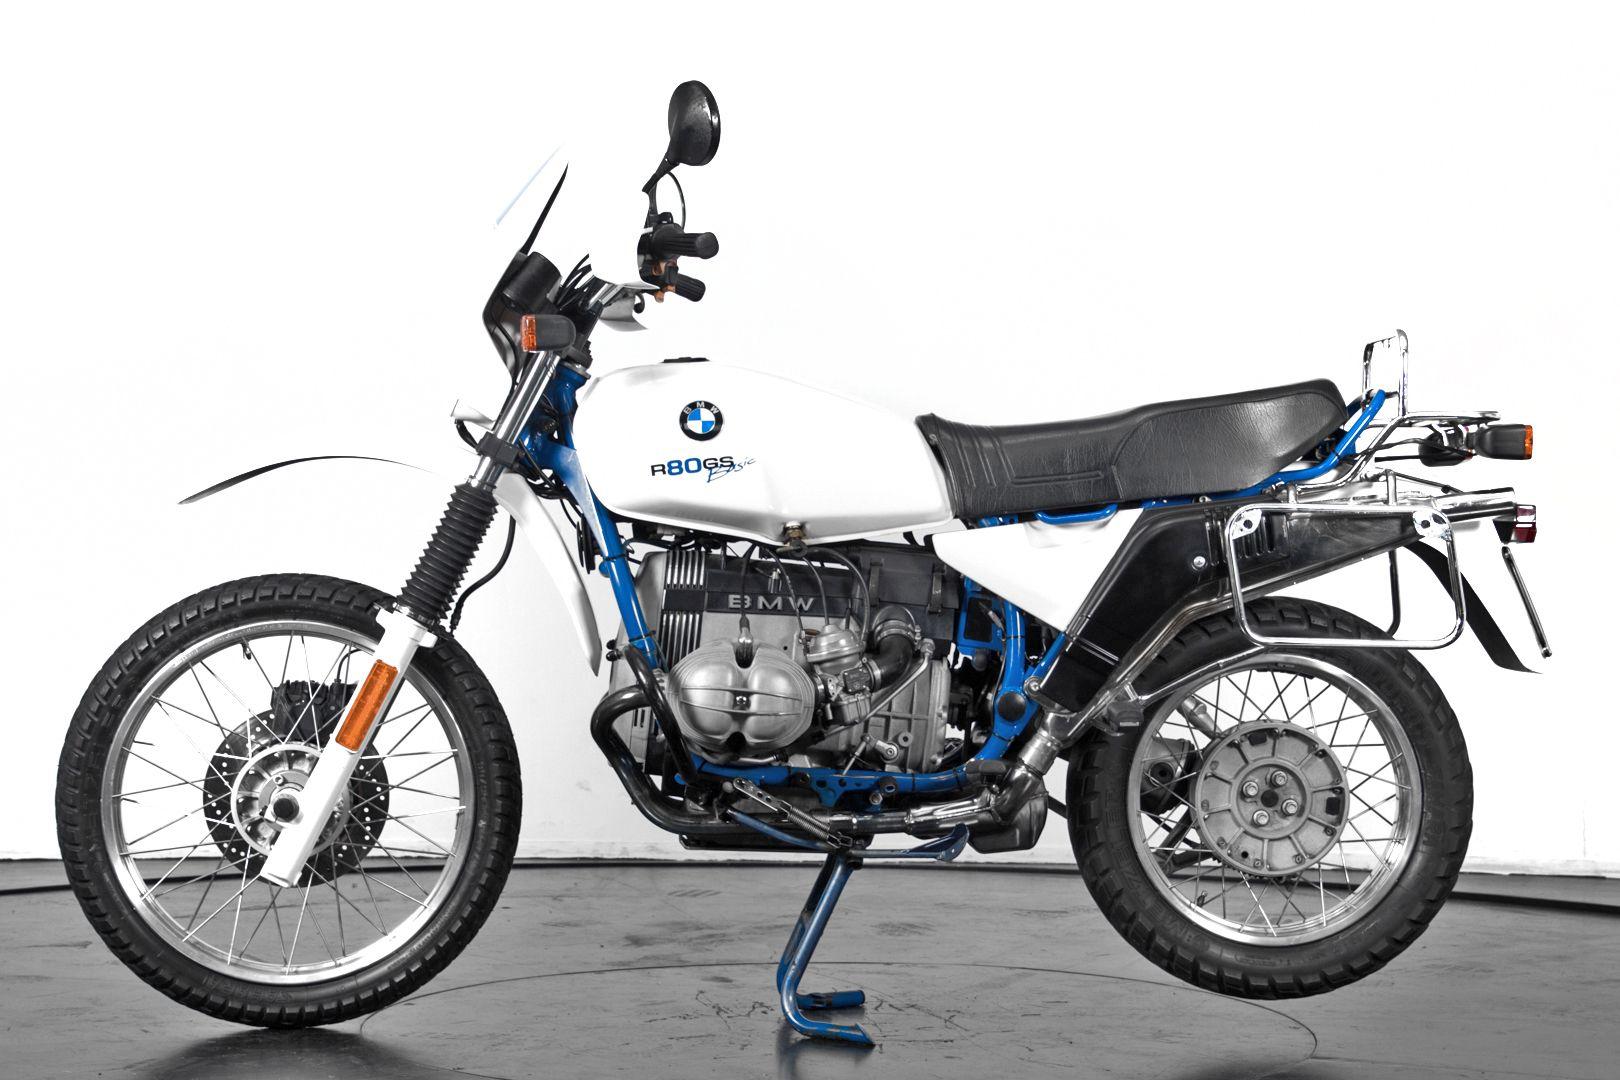 1998 BMW R80 GS Basic 35771